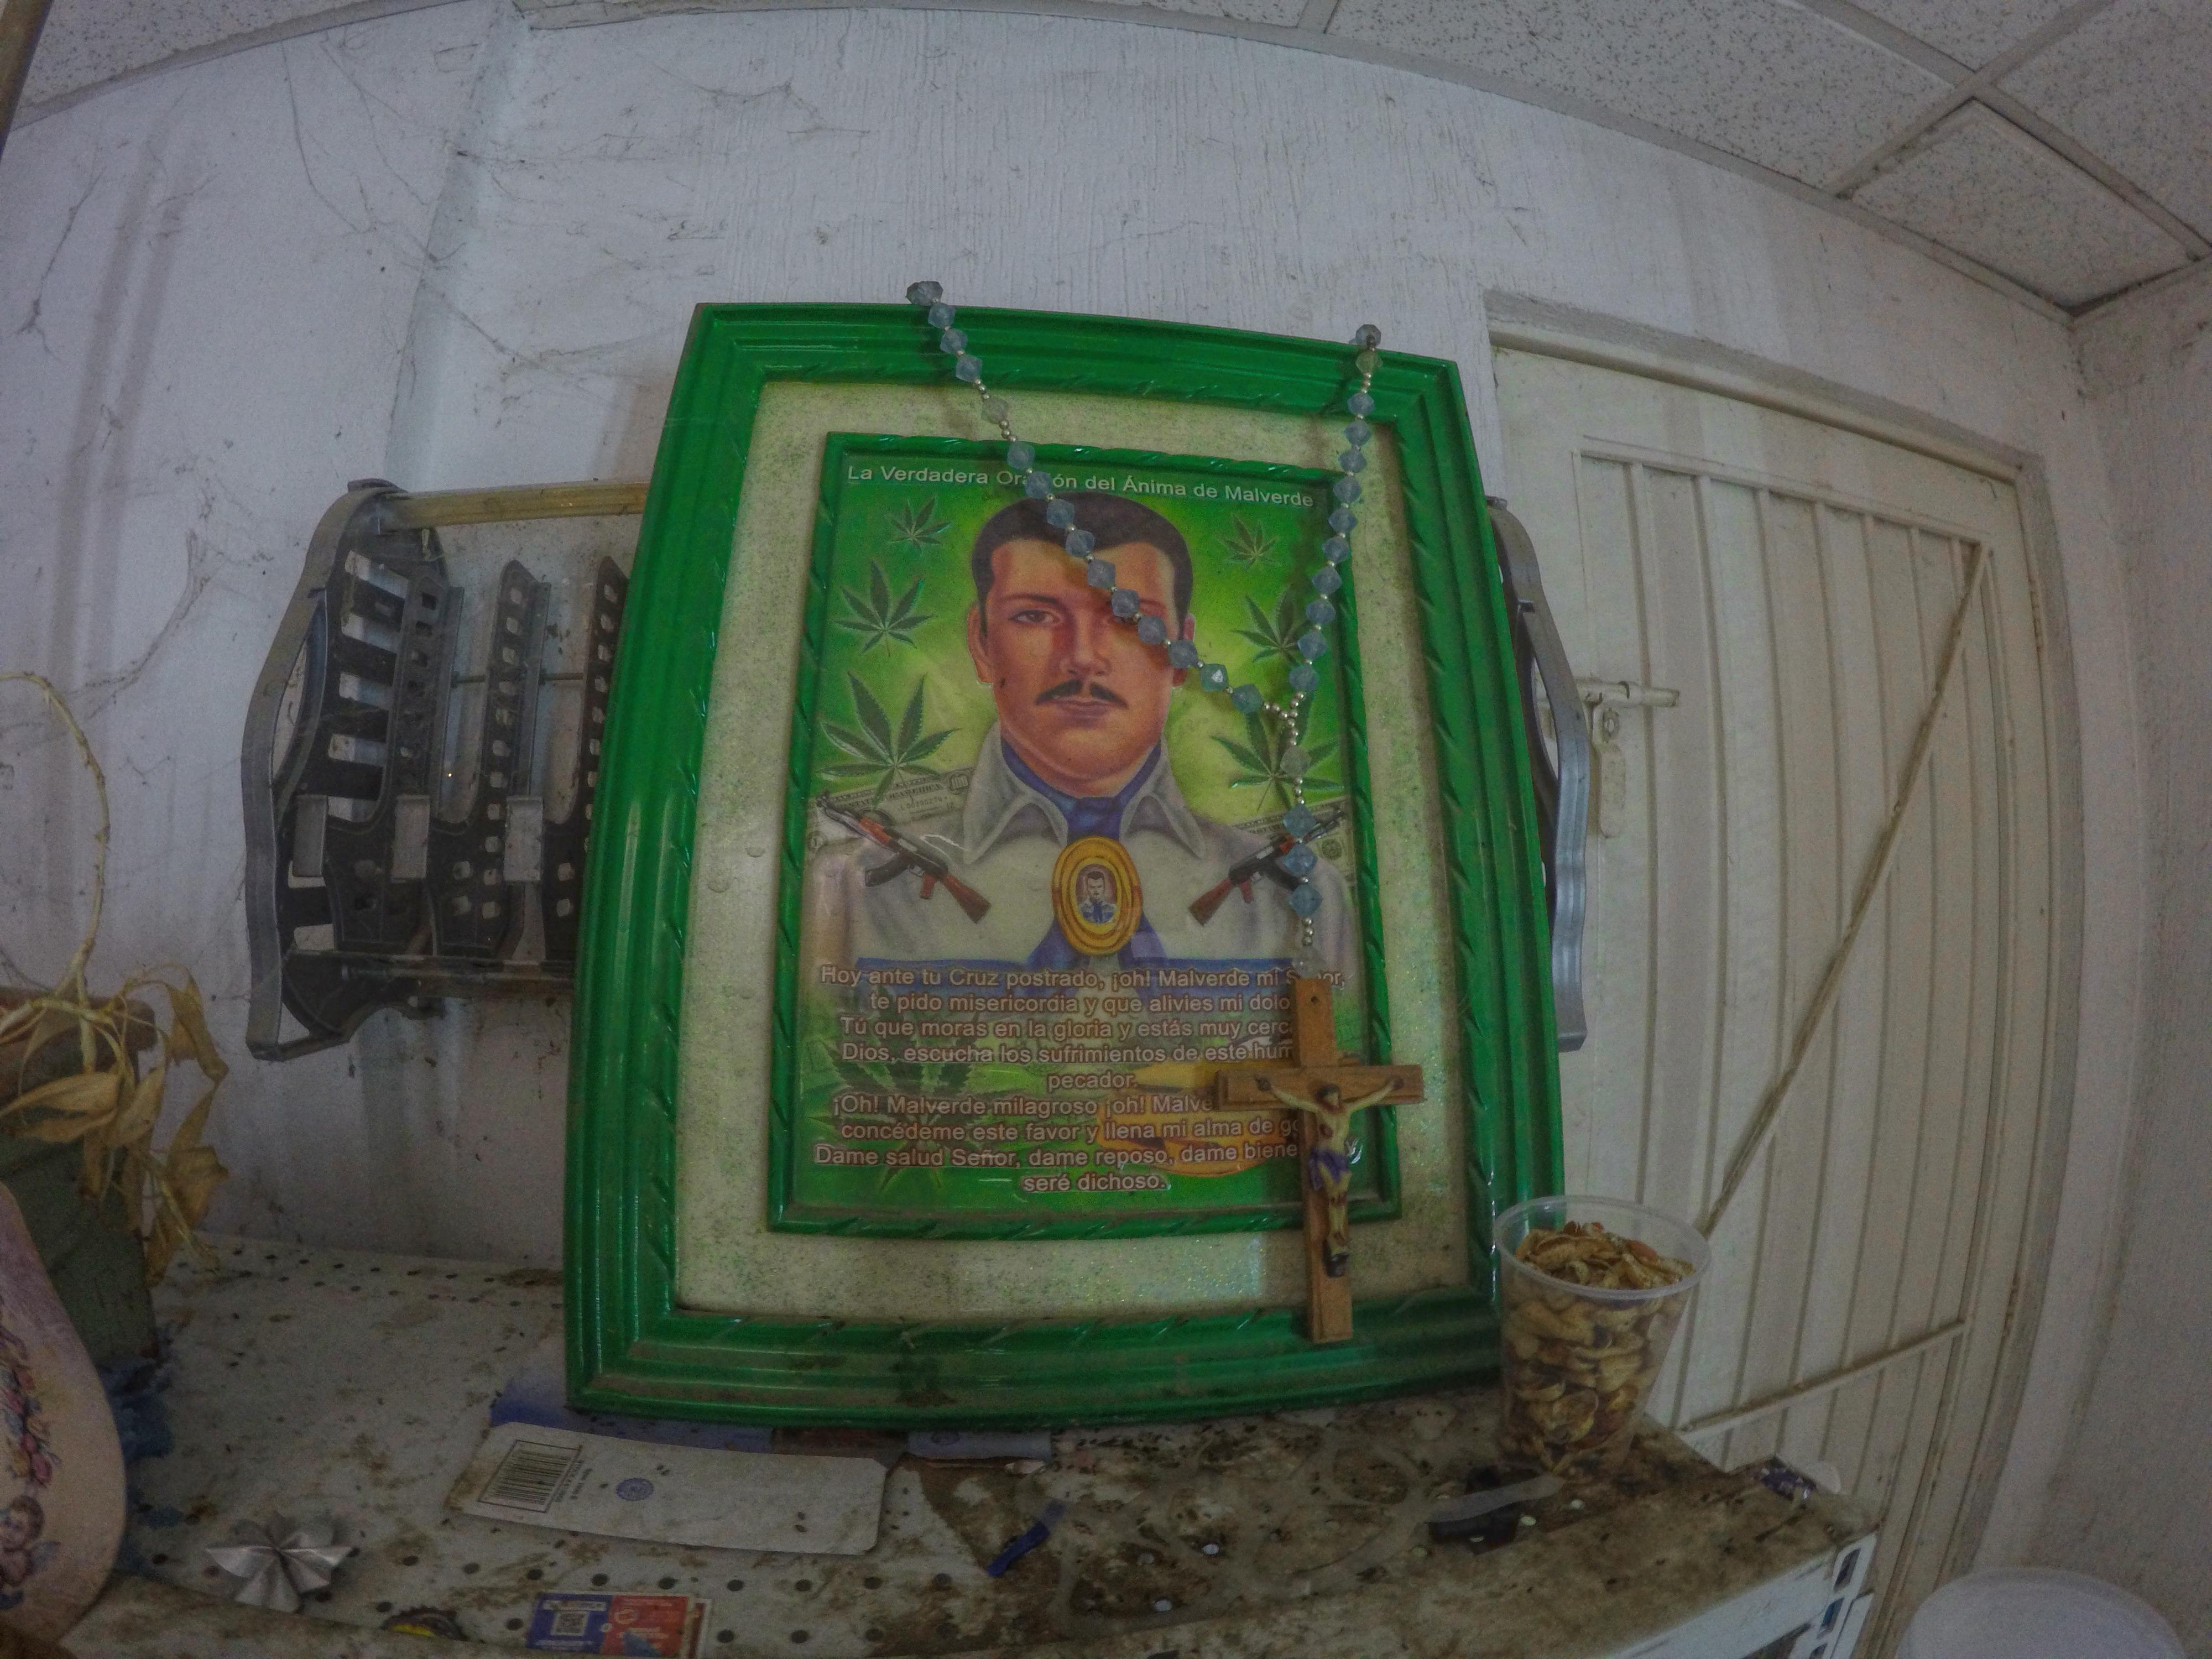 Cuadro de Malverde captado en expendio de cerveza. Mazatlán. Fotografía por Gerardo Muñoz